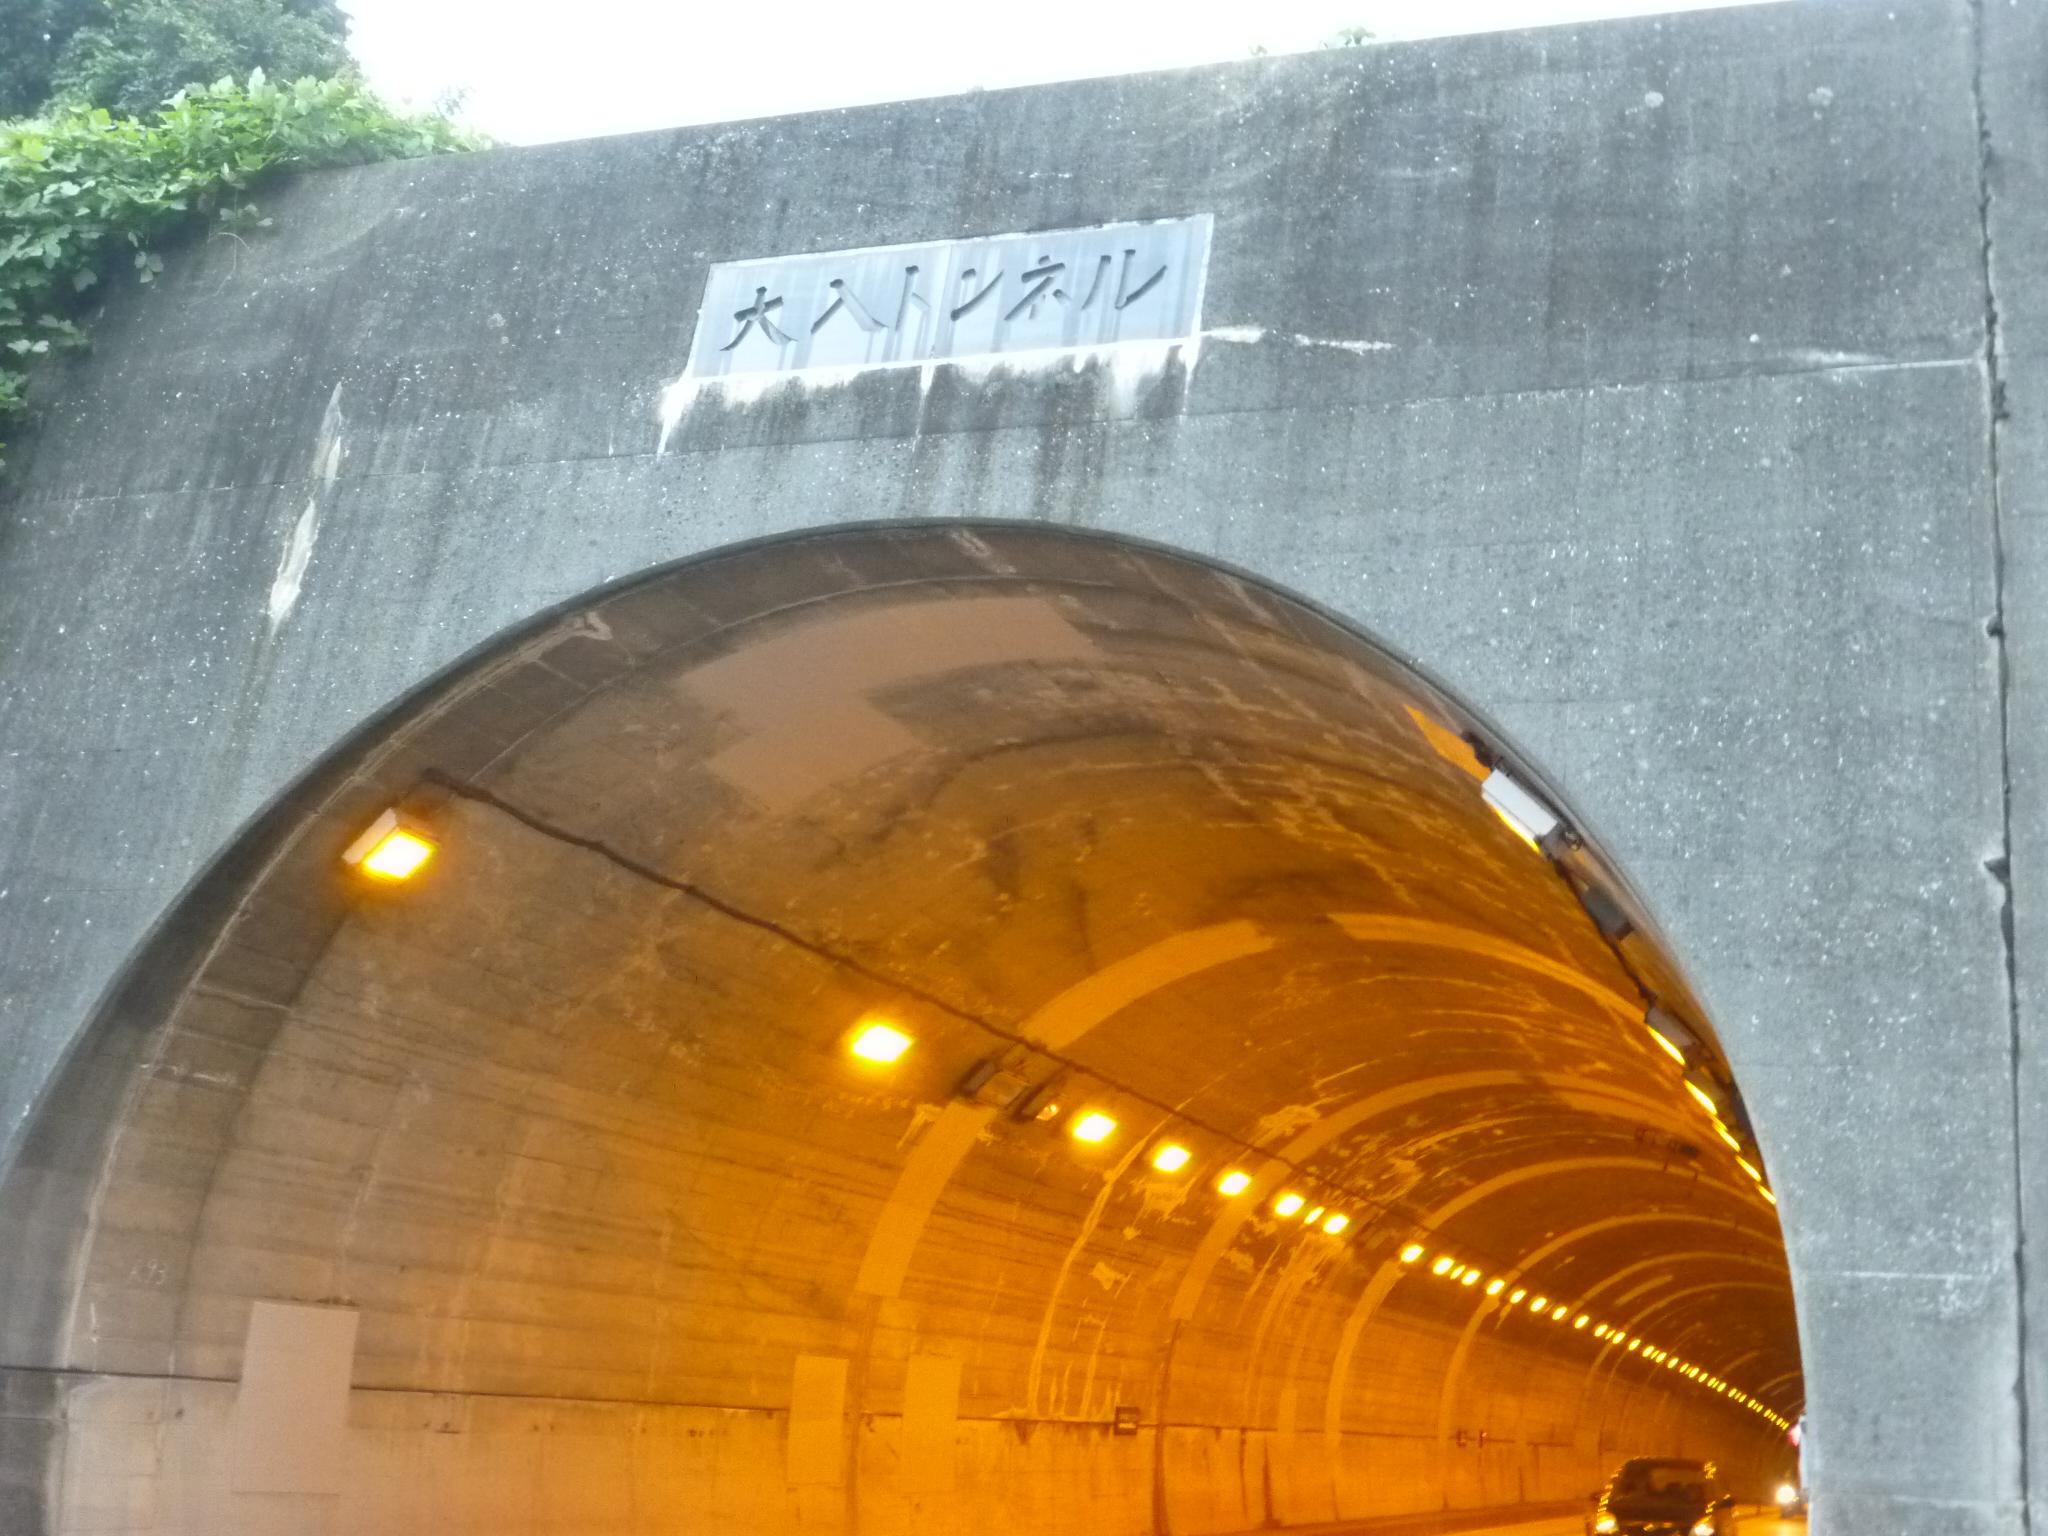 トンネル内が明るくなった大入トンネル トンネル内が明るくなった大入トンネル 糸島一市二町が念願の